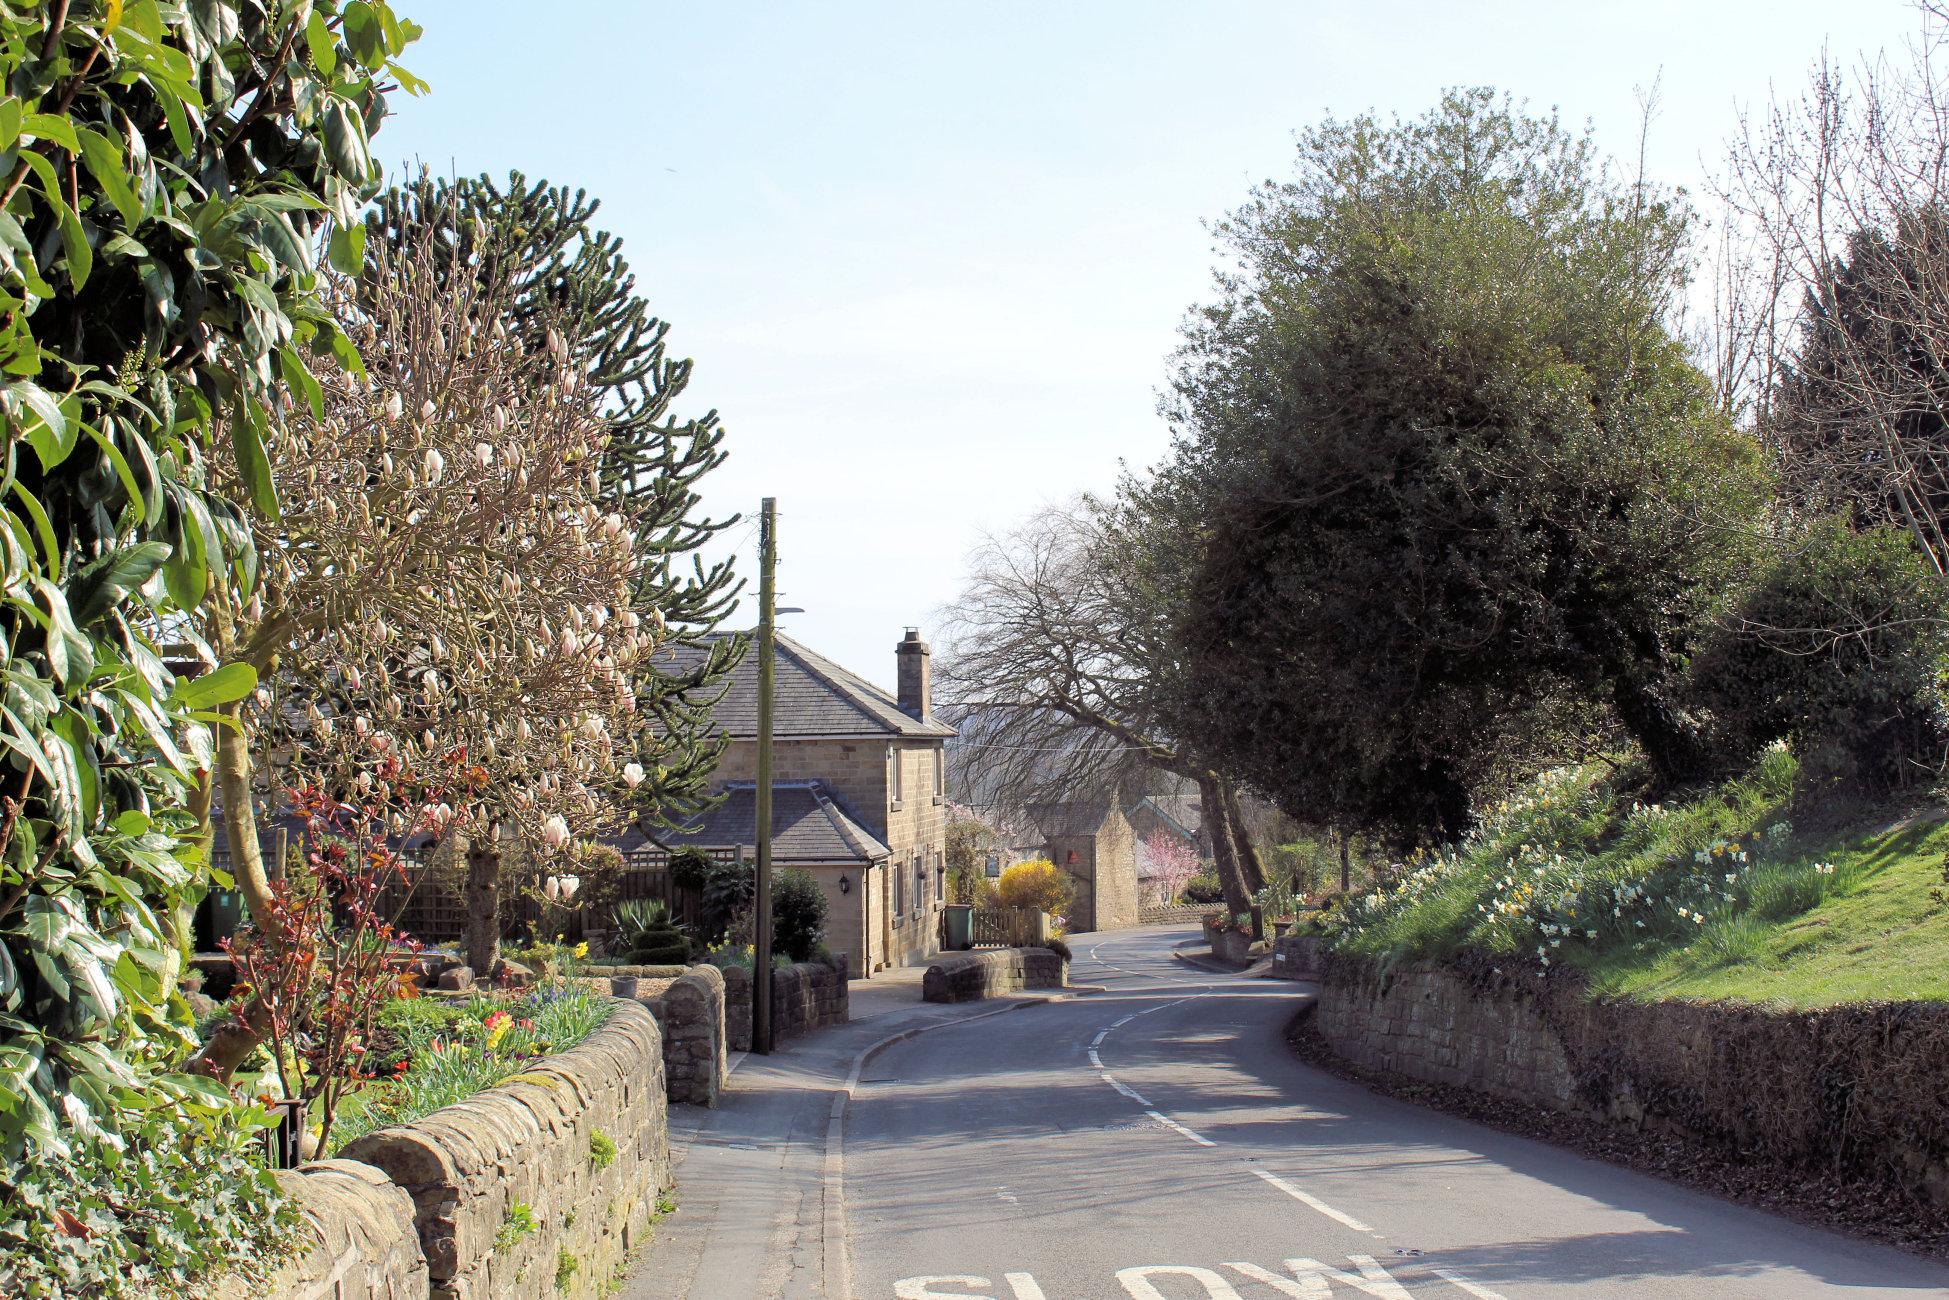 Pentrich village